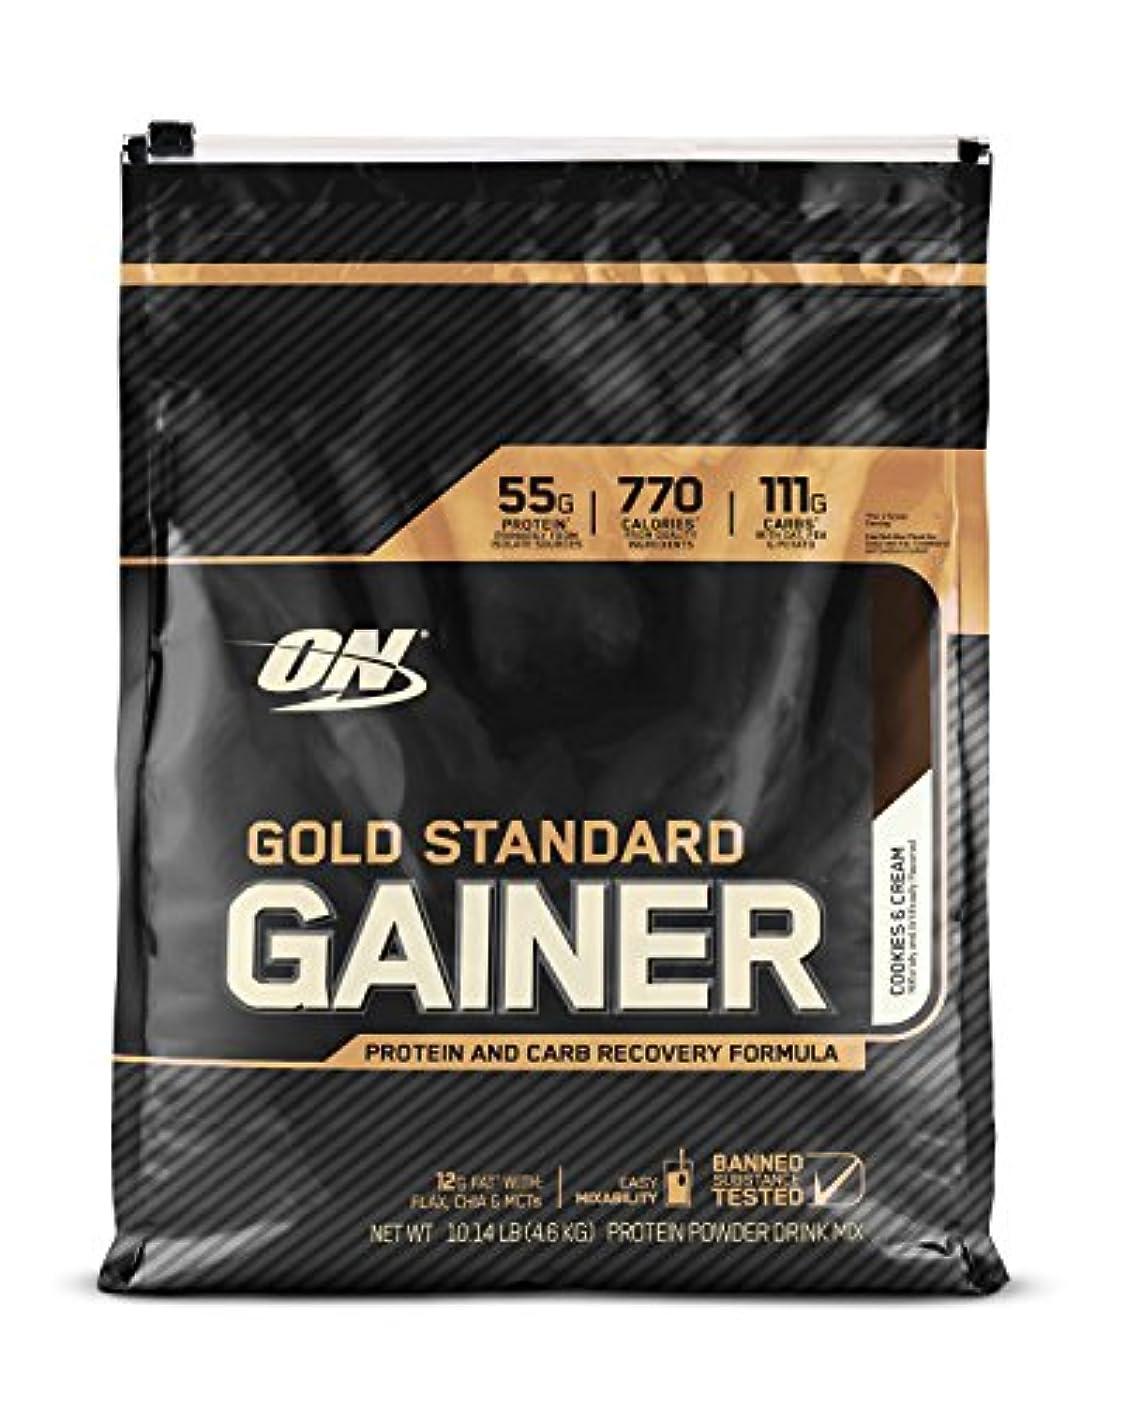 使用法ポンプ結晶ゴールドスタンダード ゲイナー 10LB クッキークリーム (Gold Standard Gainer 10LB Cookies & Cream) [海外直送品]